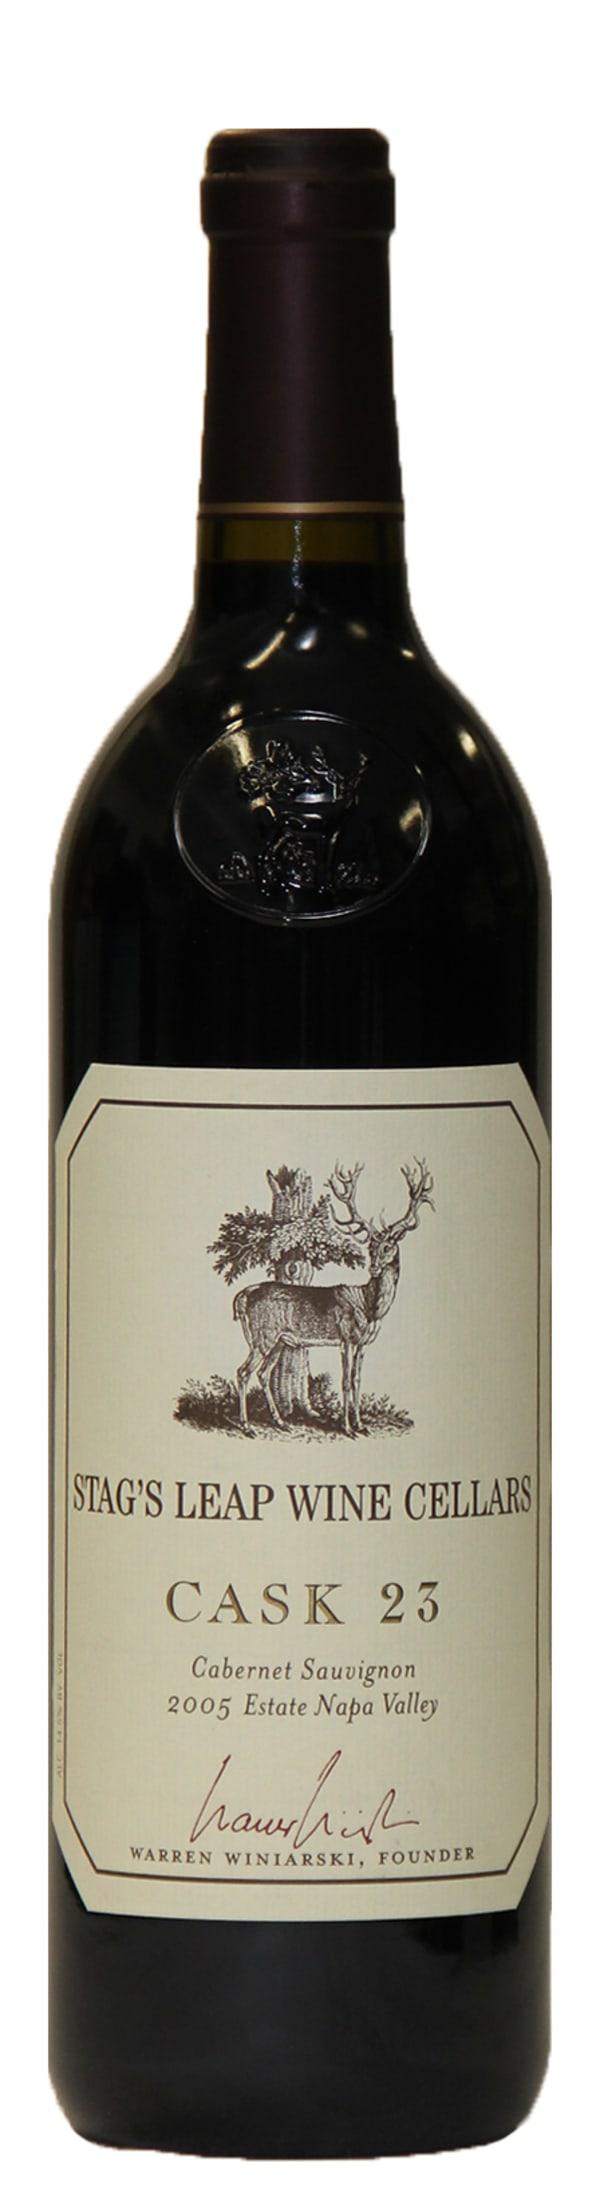 Stag's Leap Wine Cellars Cask 23 Cabernet Sauvignon 2005